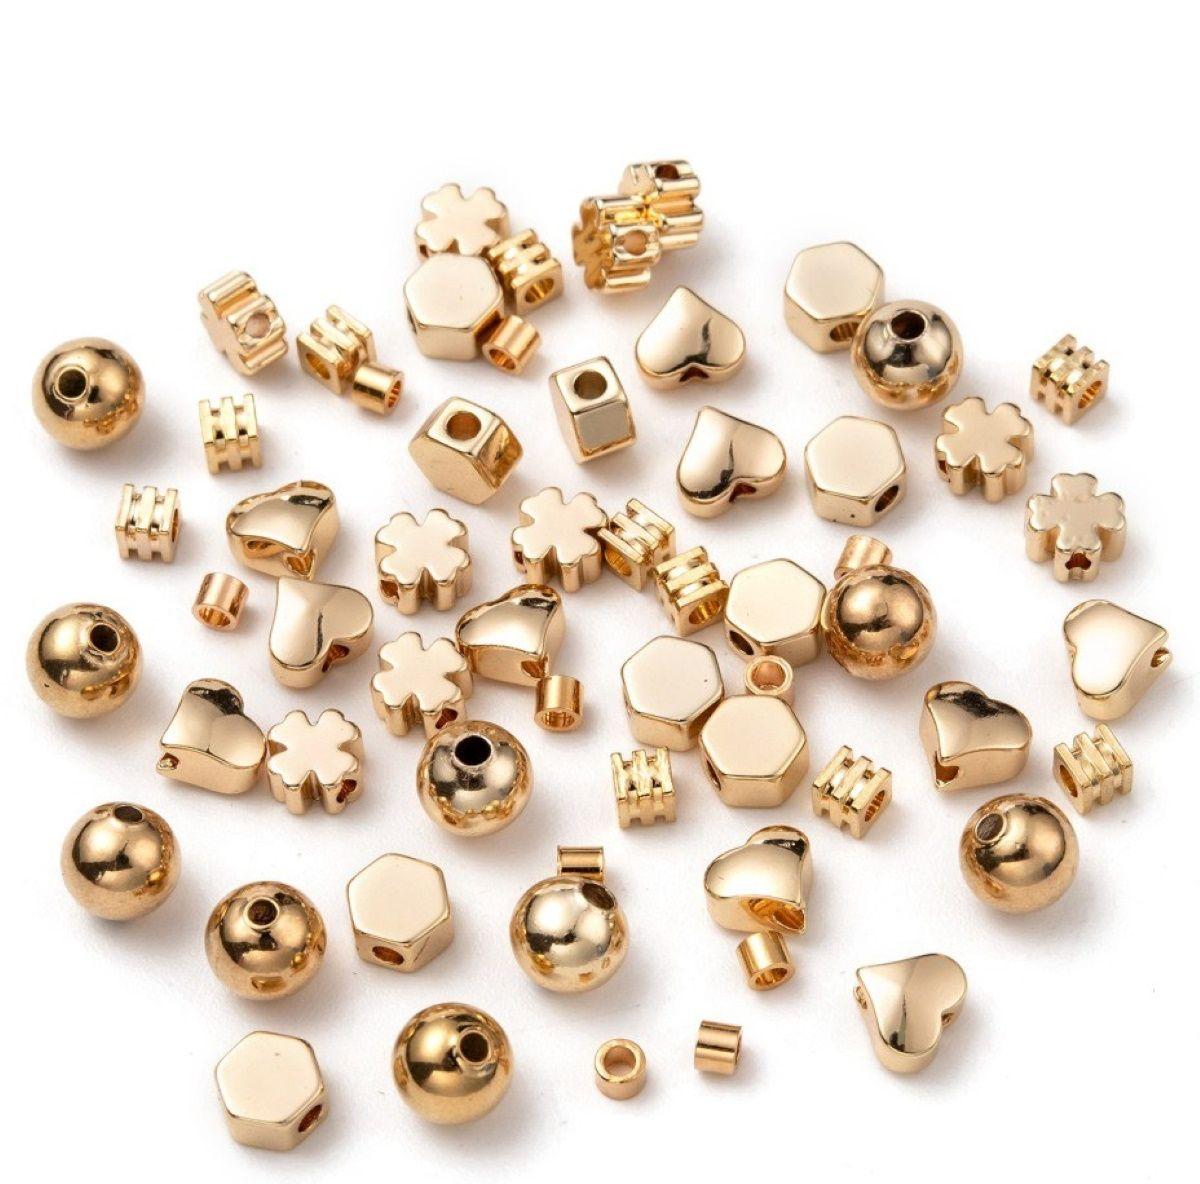 Armband Metallperlen Set Gold 1 Box 60 Perlen